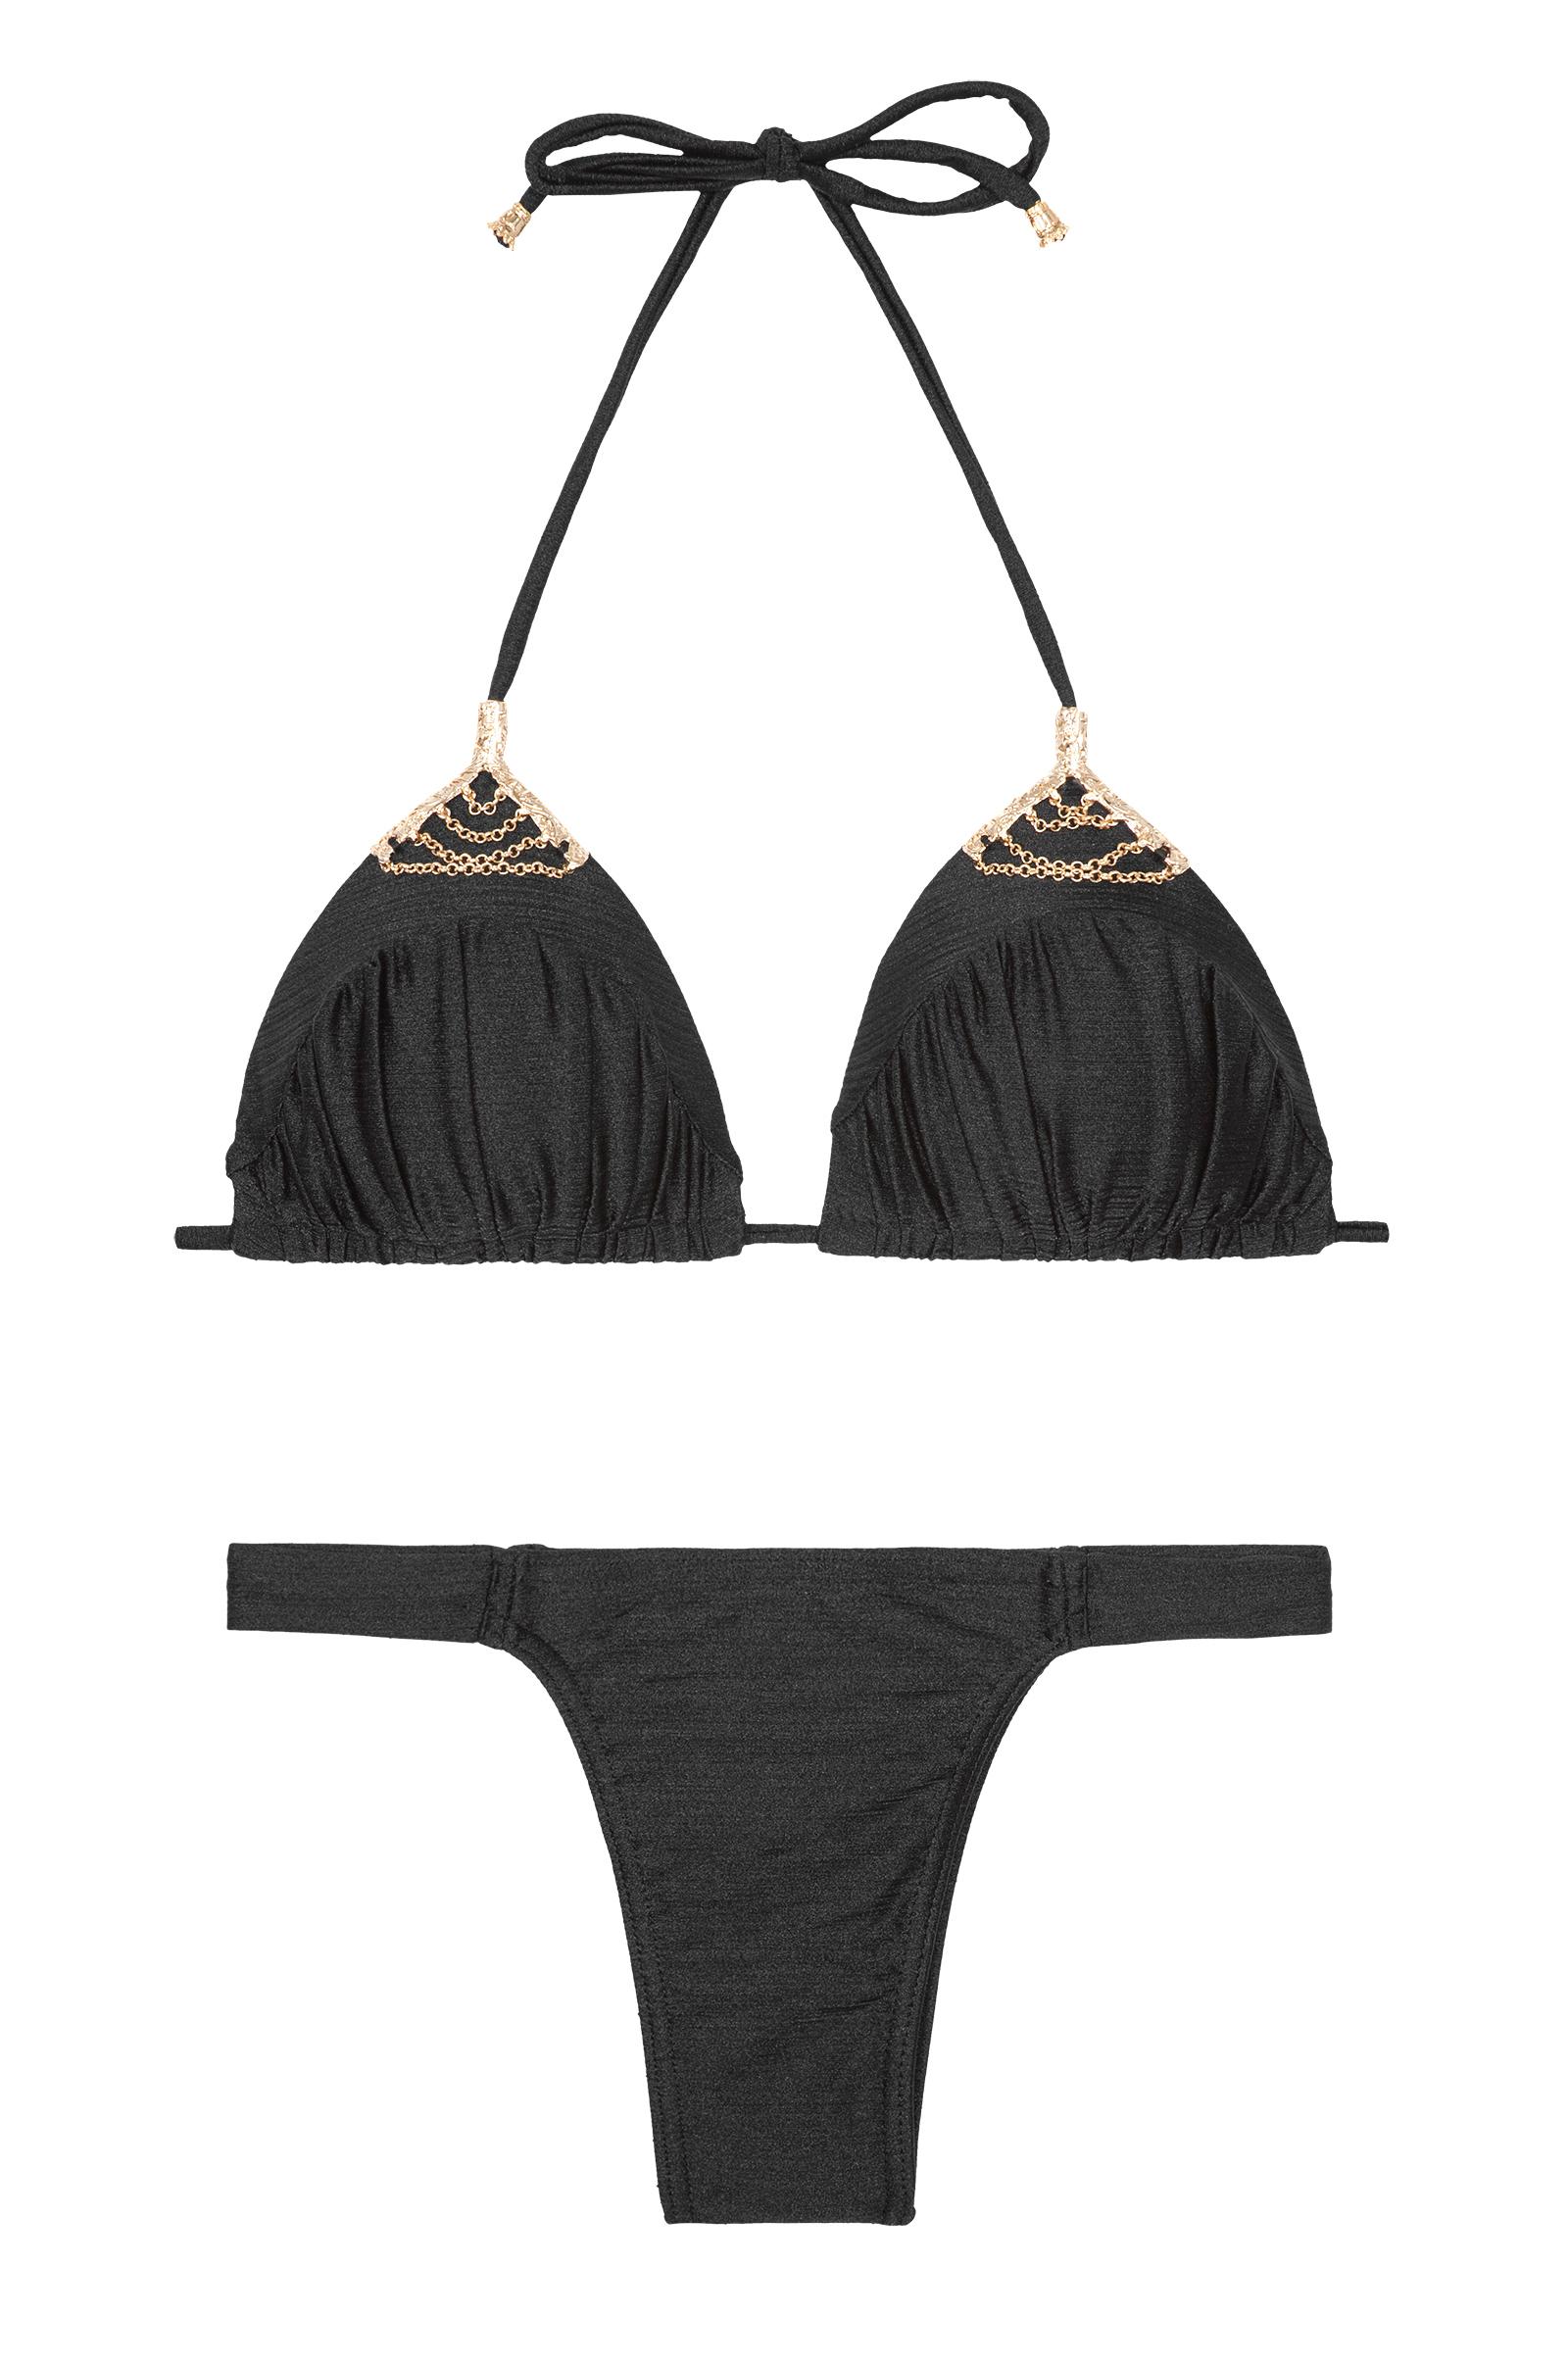 Triangle-paddé-bikini, Schwarz-irisiert, Höschen Mit Schmalen Rändern -  Tresoro Preto